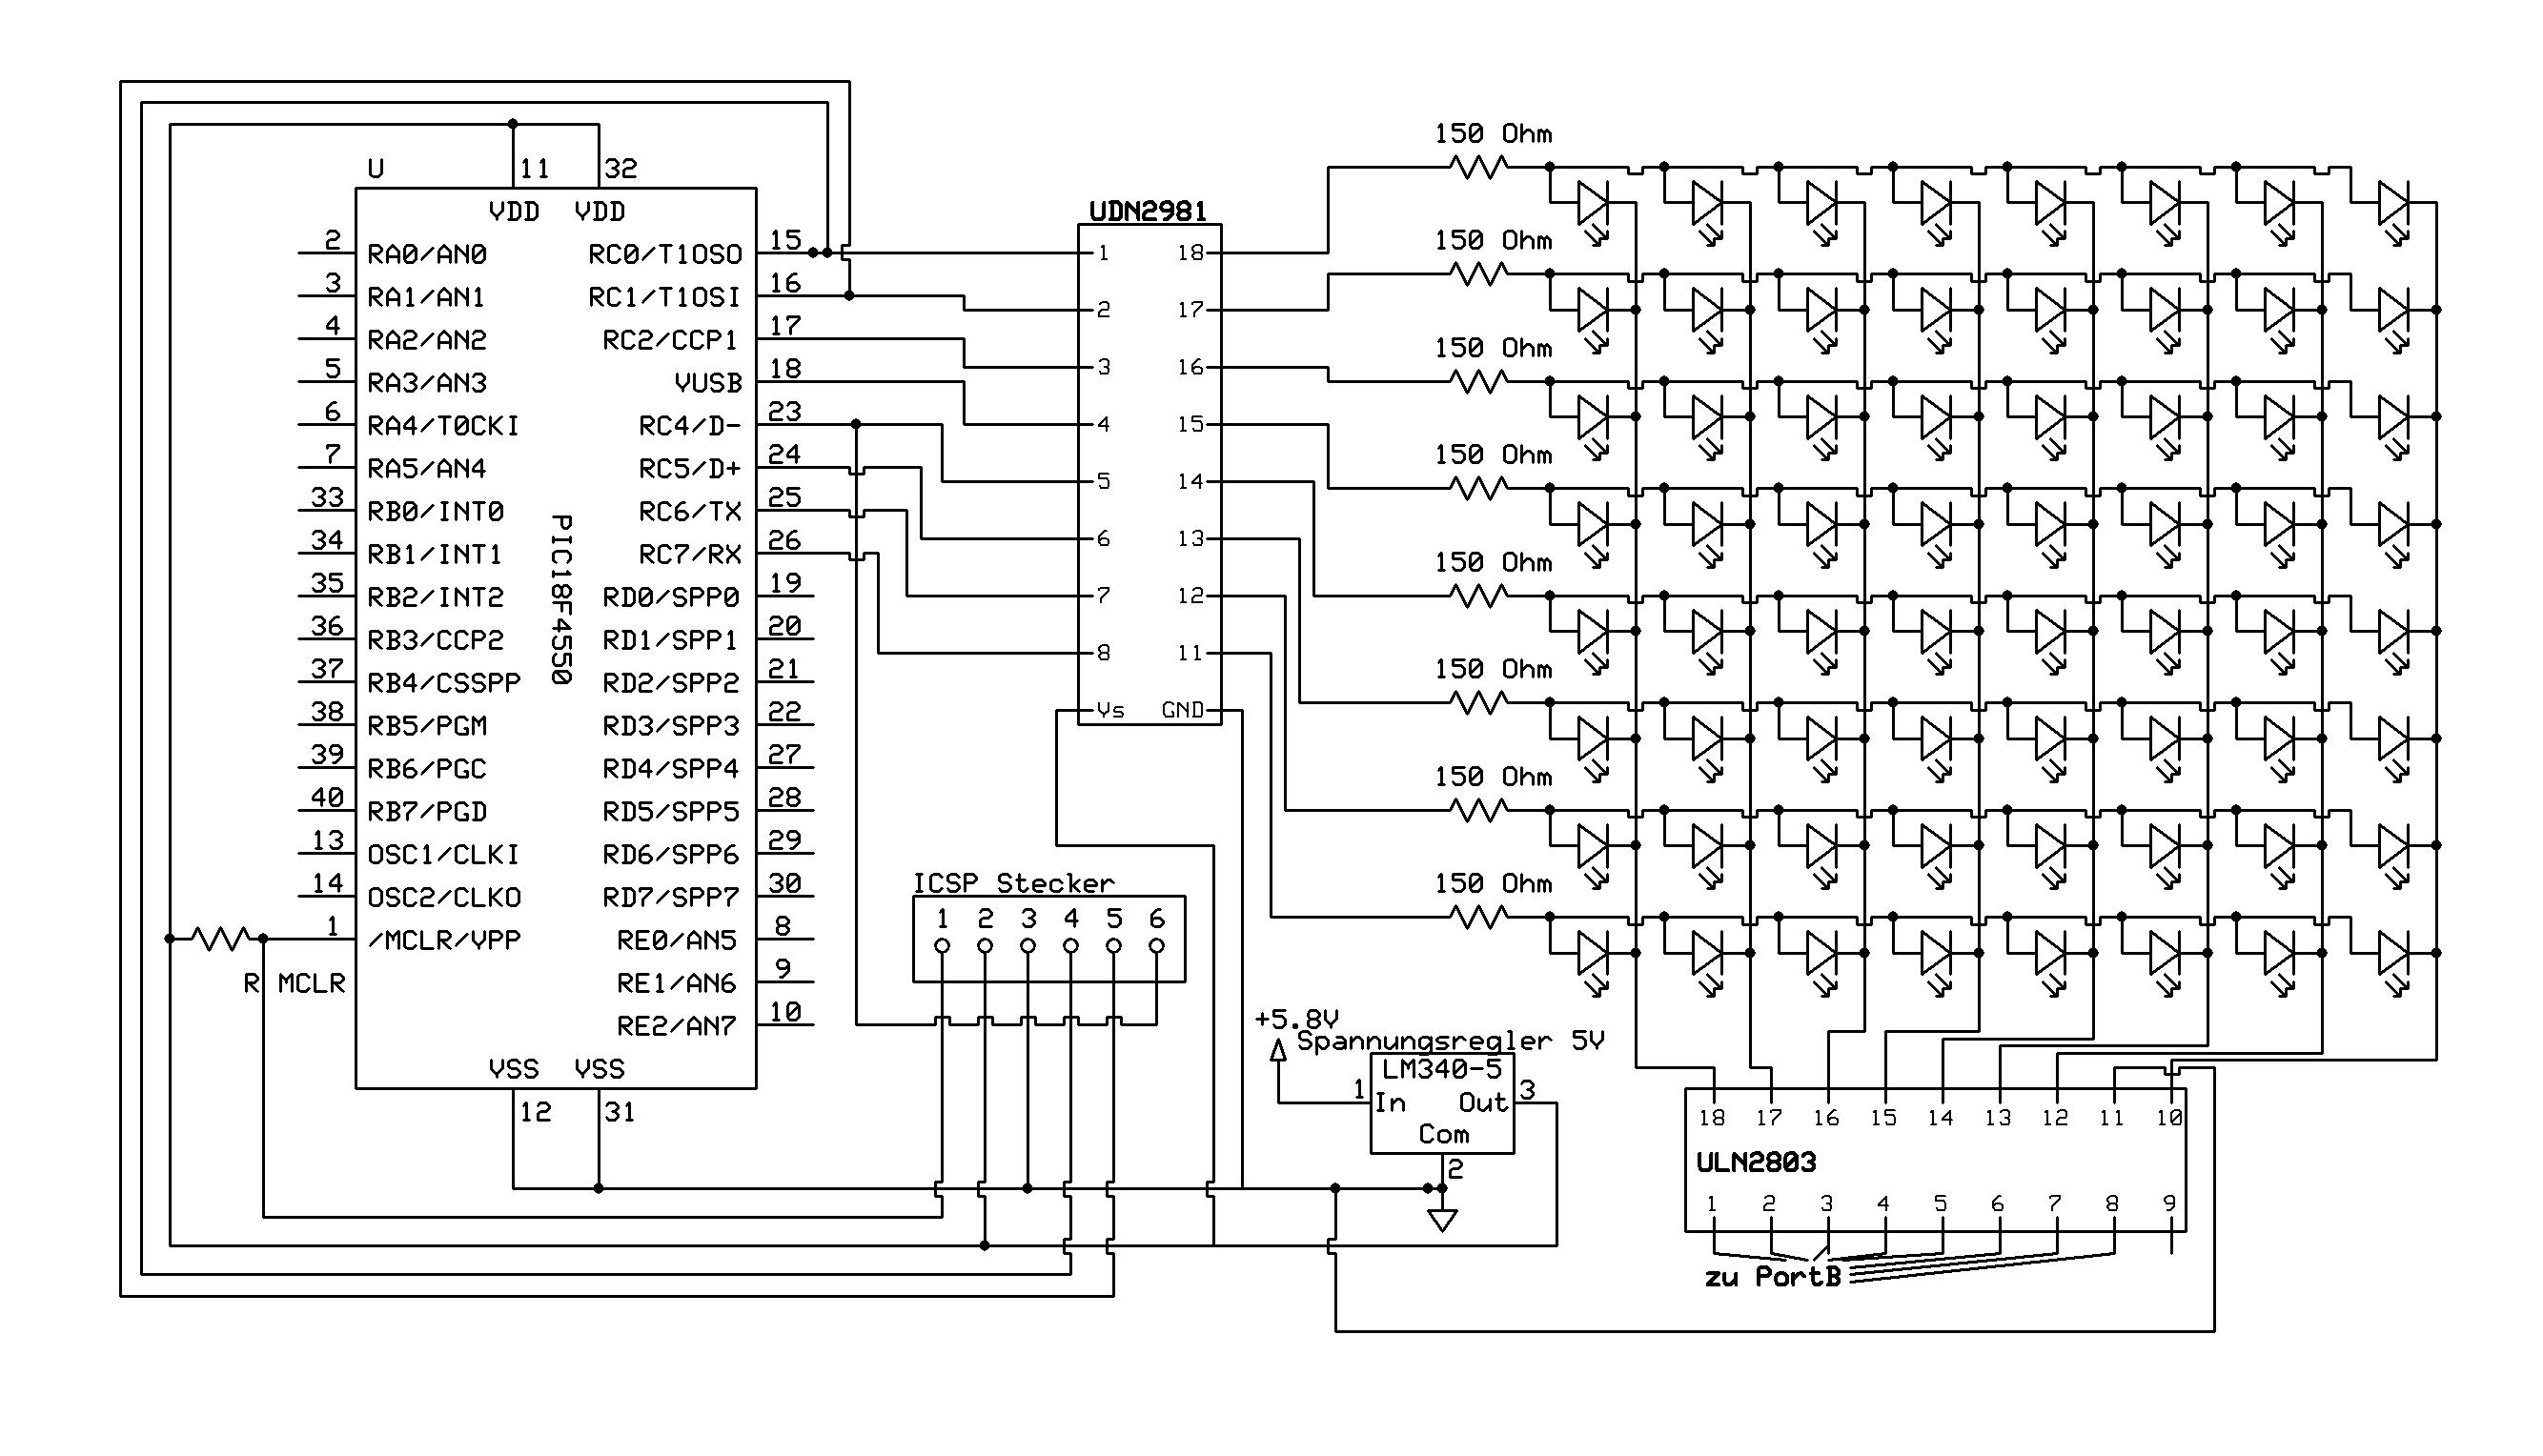 Schaltplan für LED Matrix überprüfen - Mikrocontroller.net